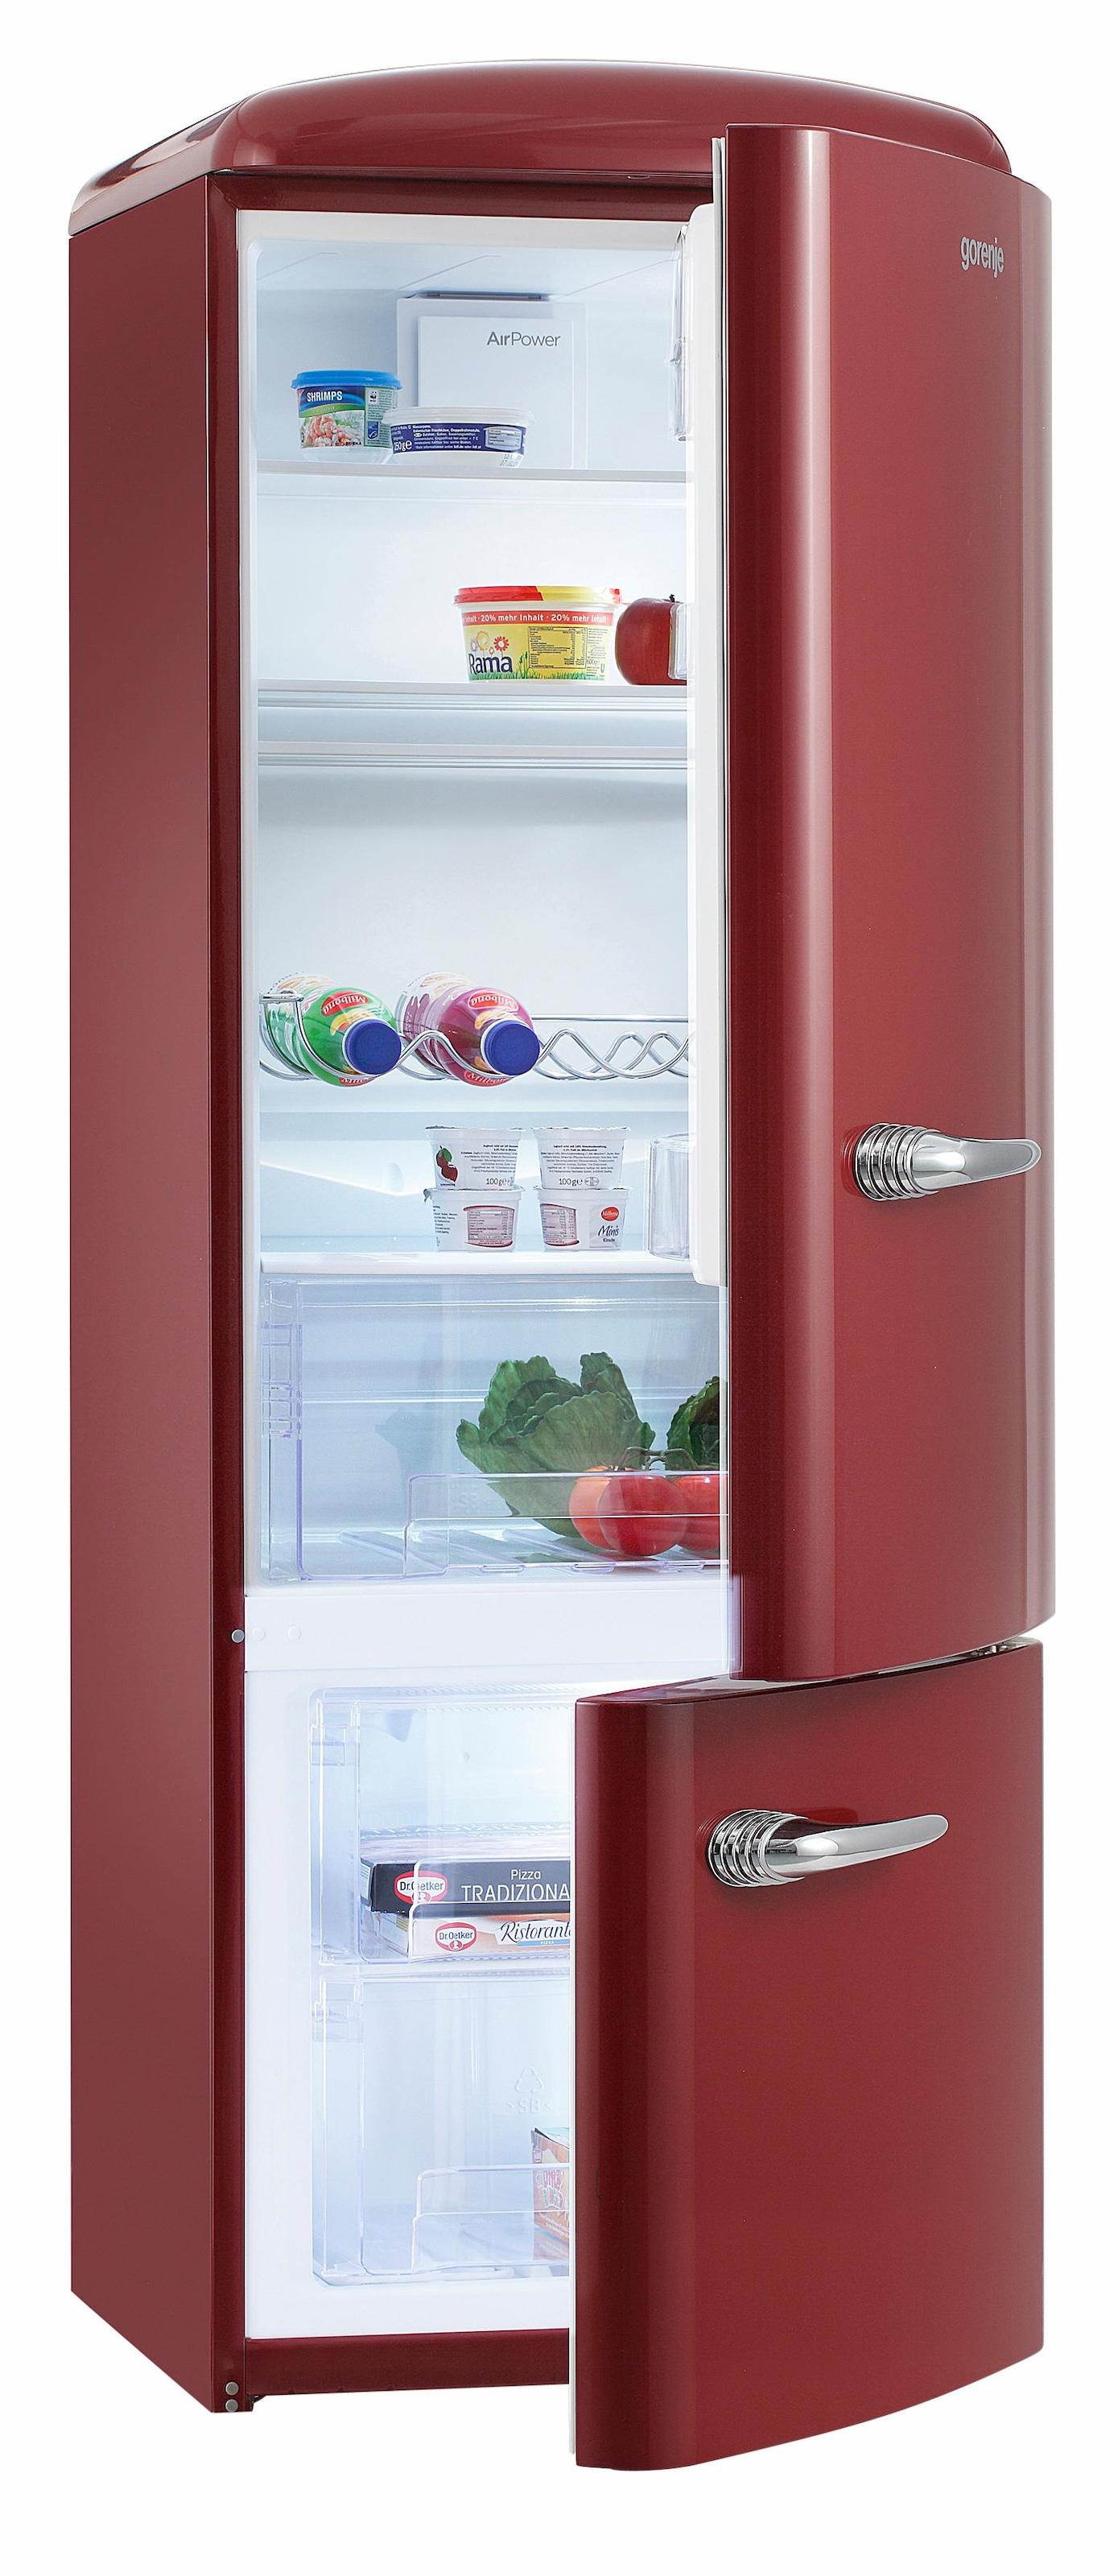 Bosch Kühlschrank 60er Jahre : Billig kühlschrank er design küchen ideen